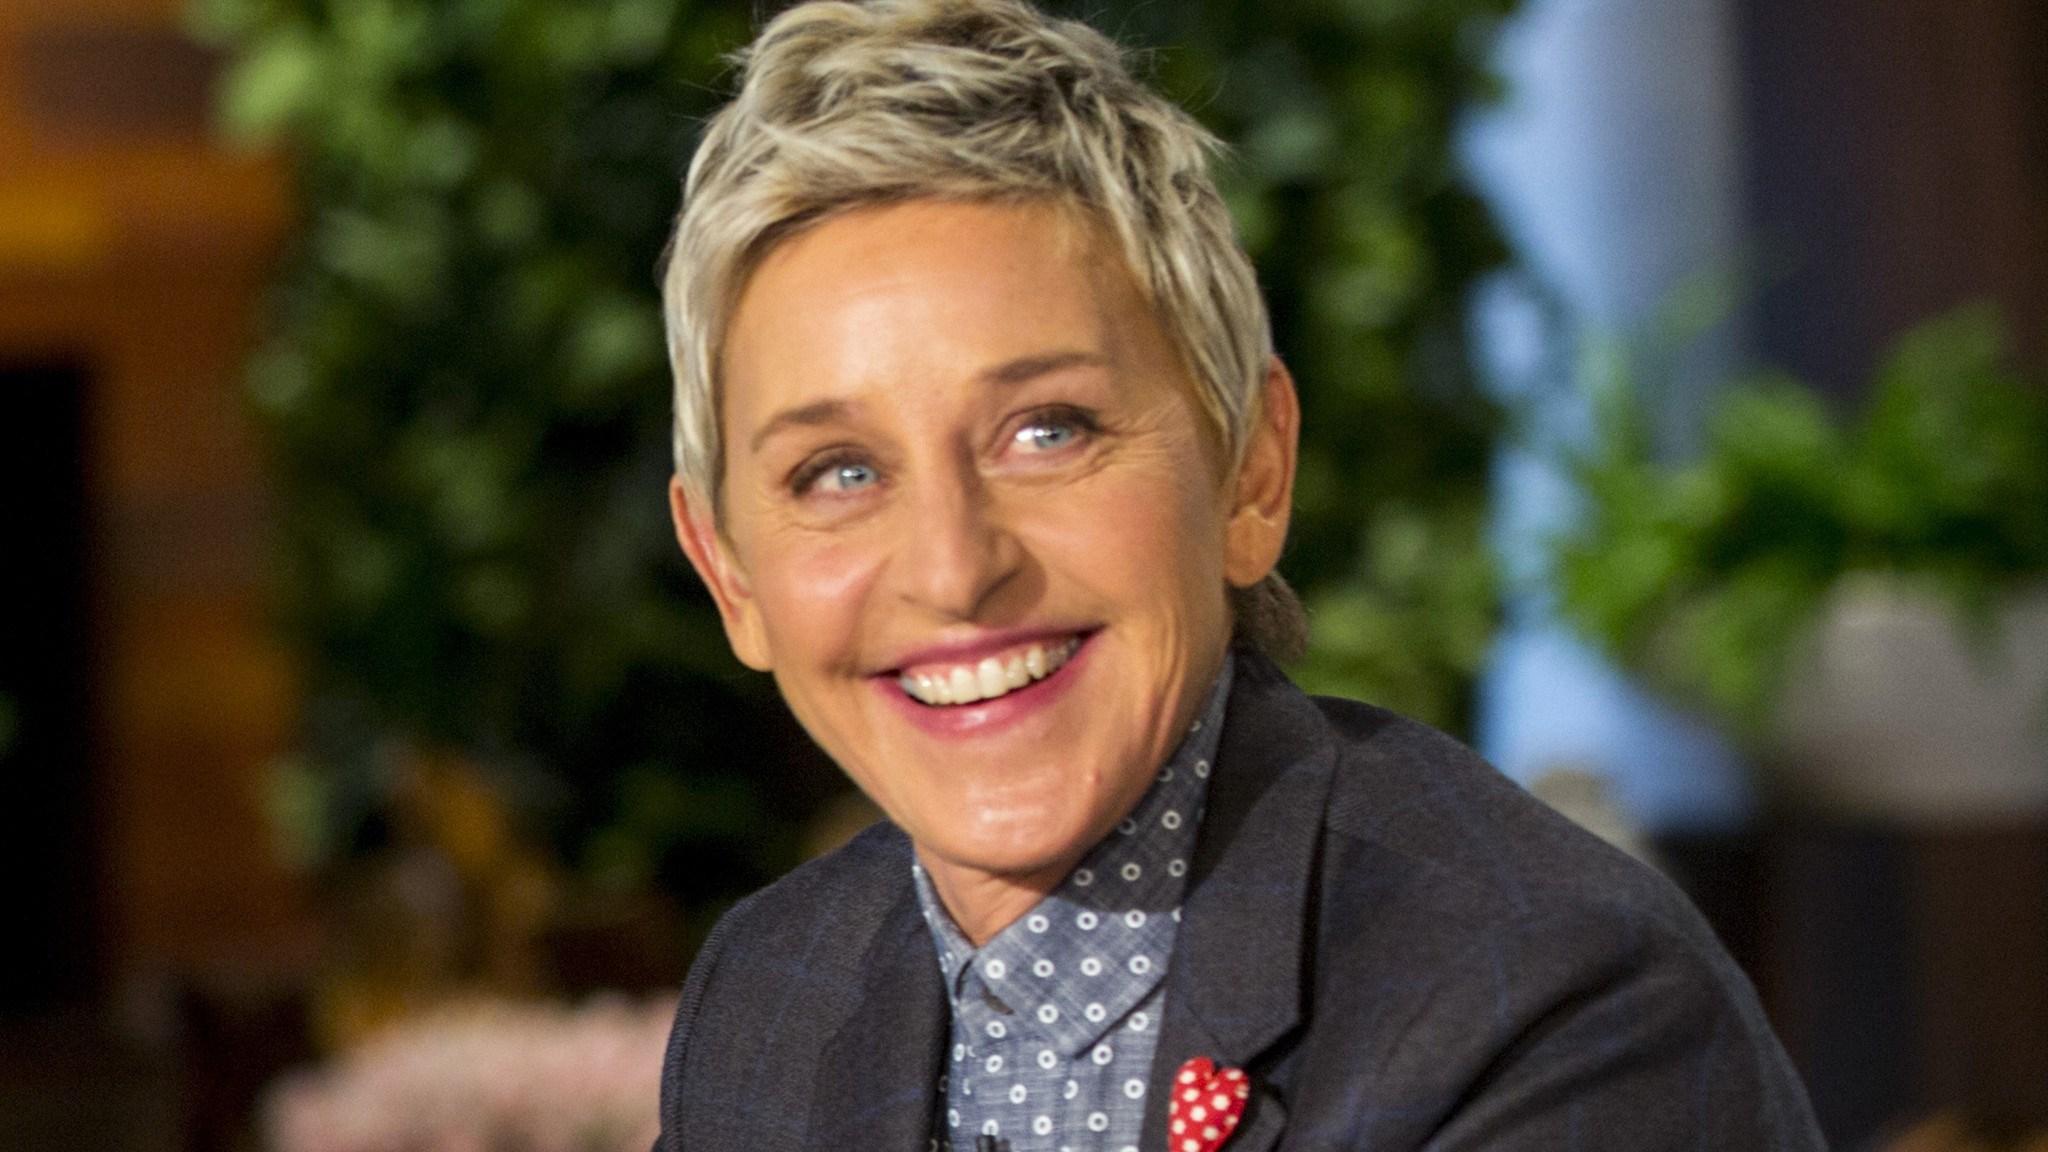 2. Ellen Degeneres